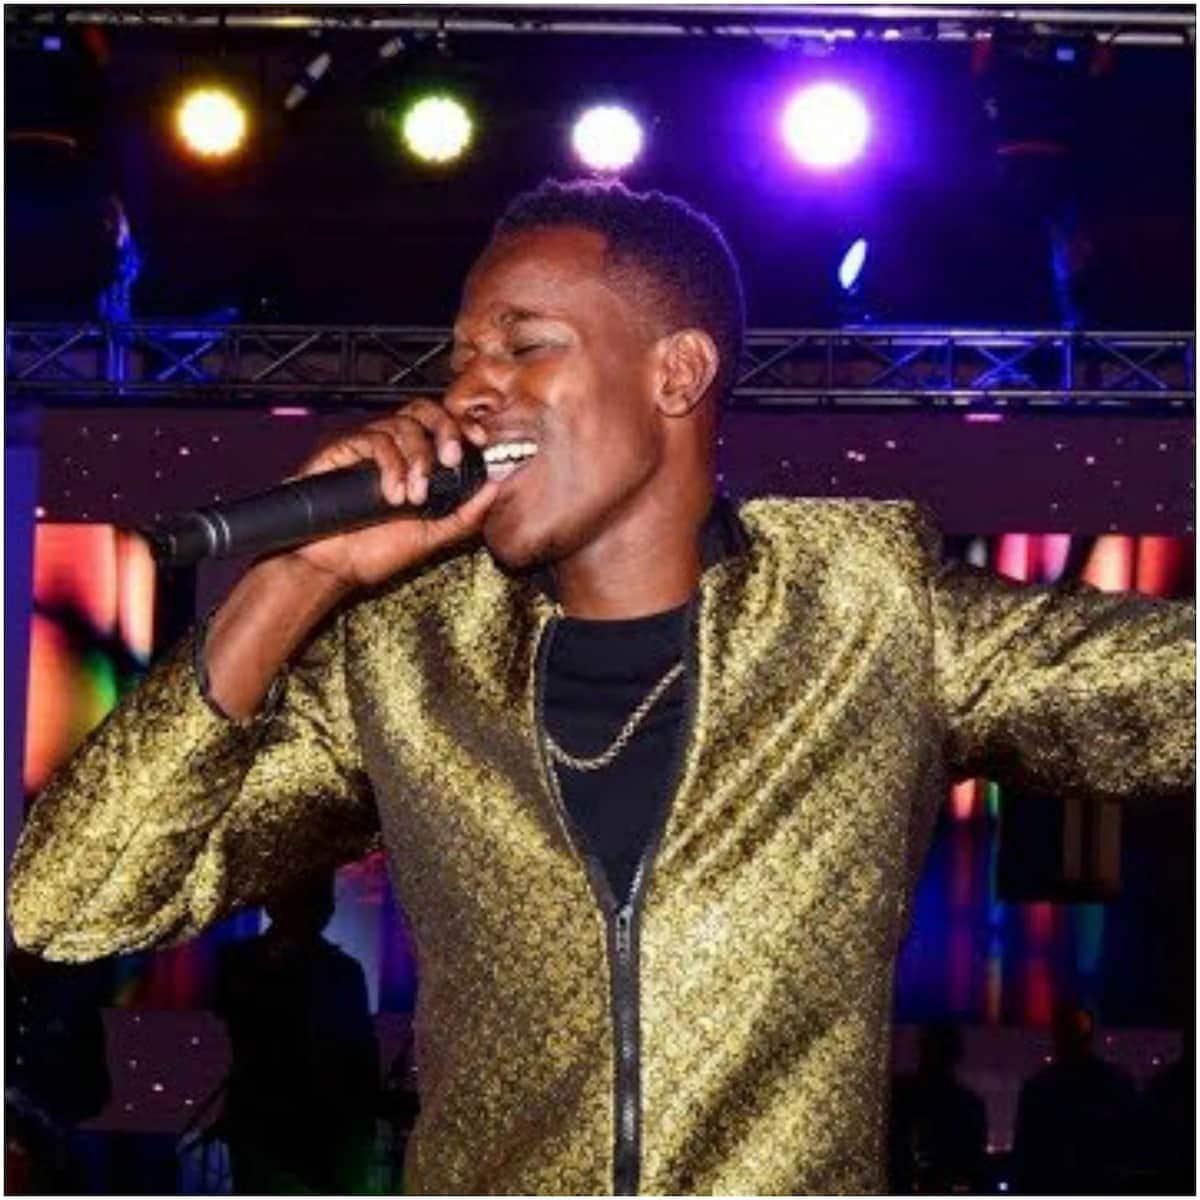 Musa Jakadala songs Kenya Musa Jakadala old songs Songs by Musa Jakadala Musa Jakadala hit songs Musa Jakadala songs latest Musa Jakadala songs 2018 Musa Jakadala new songs